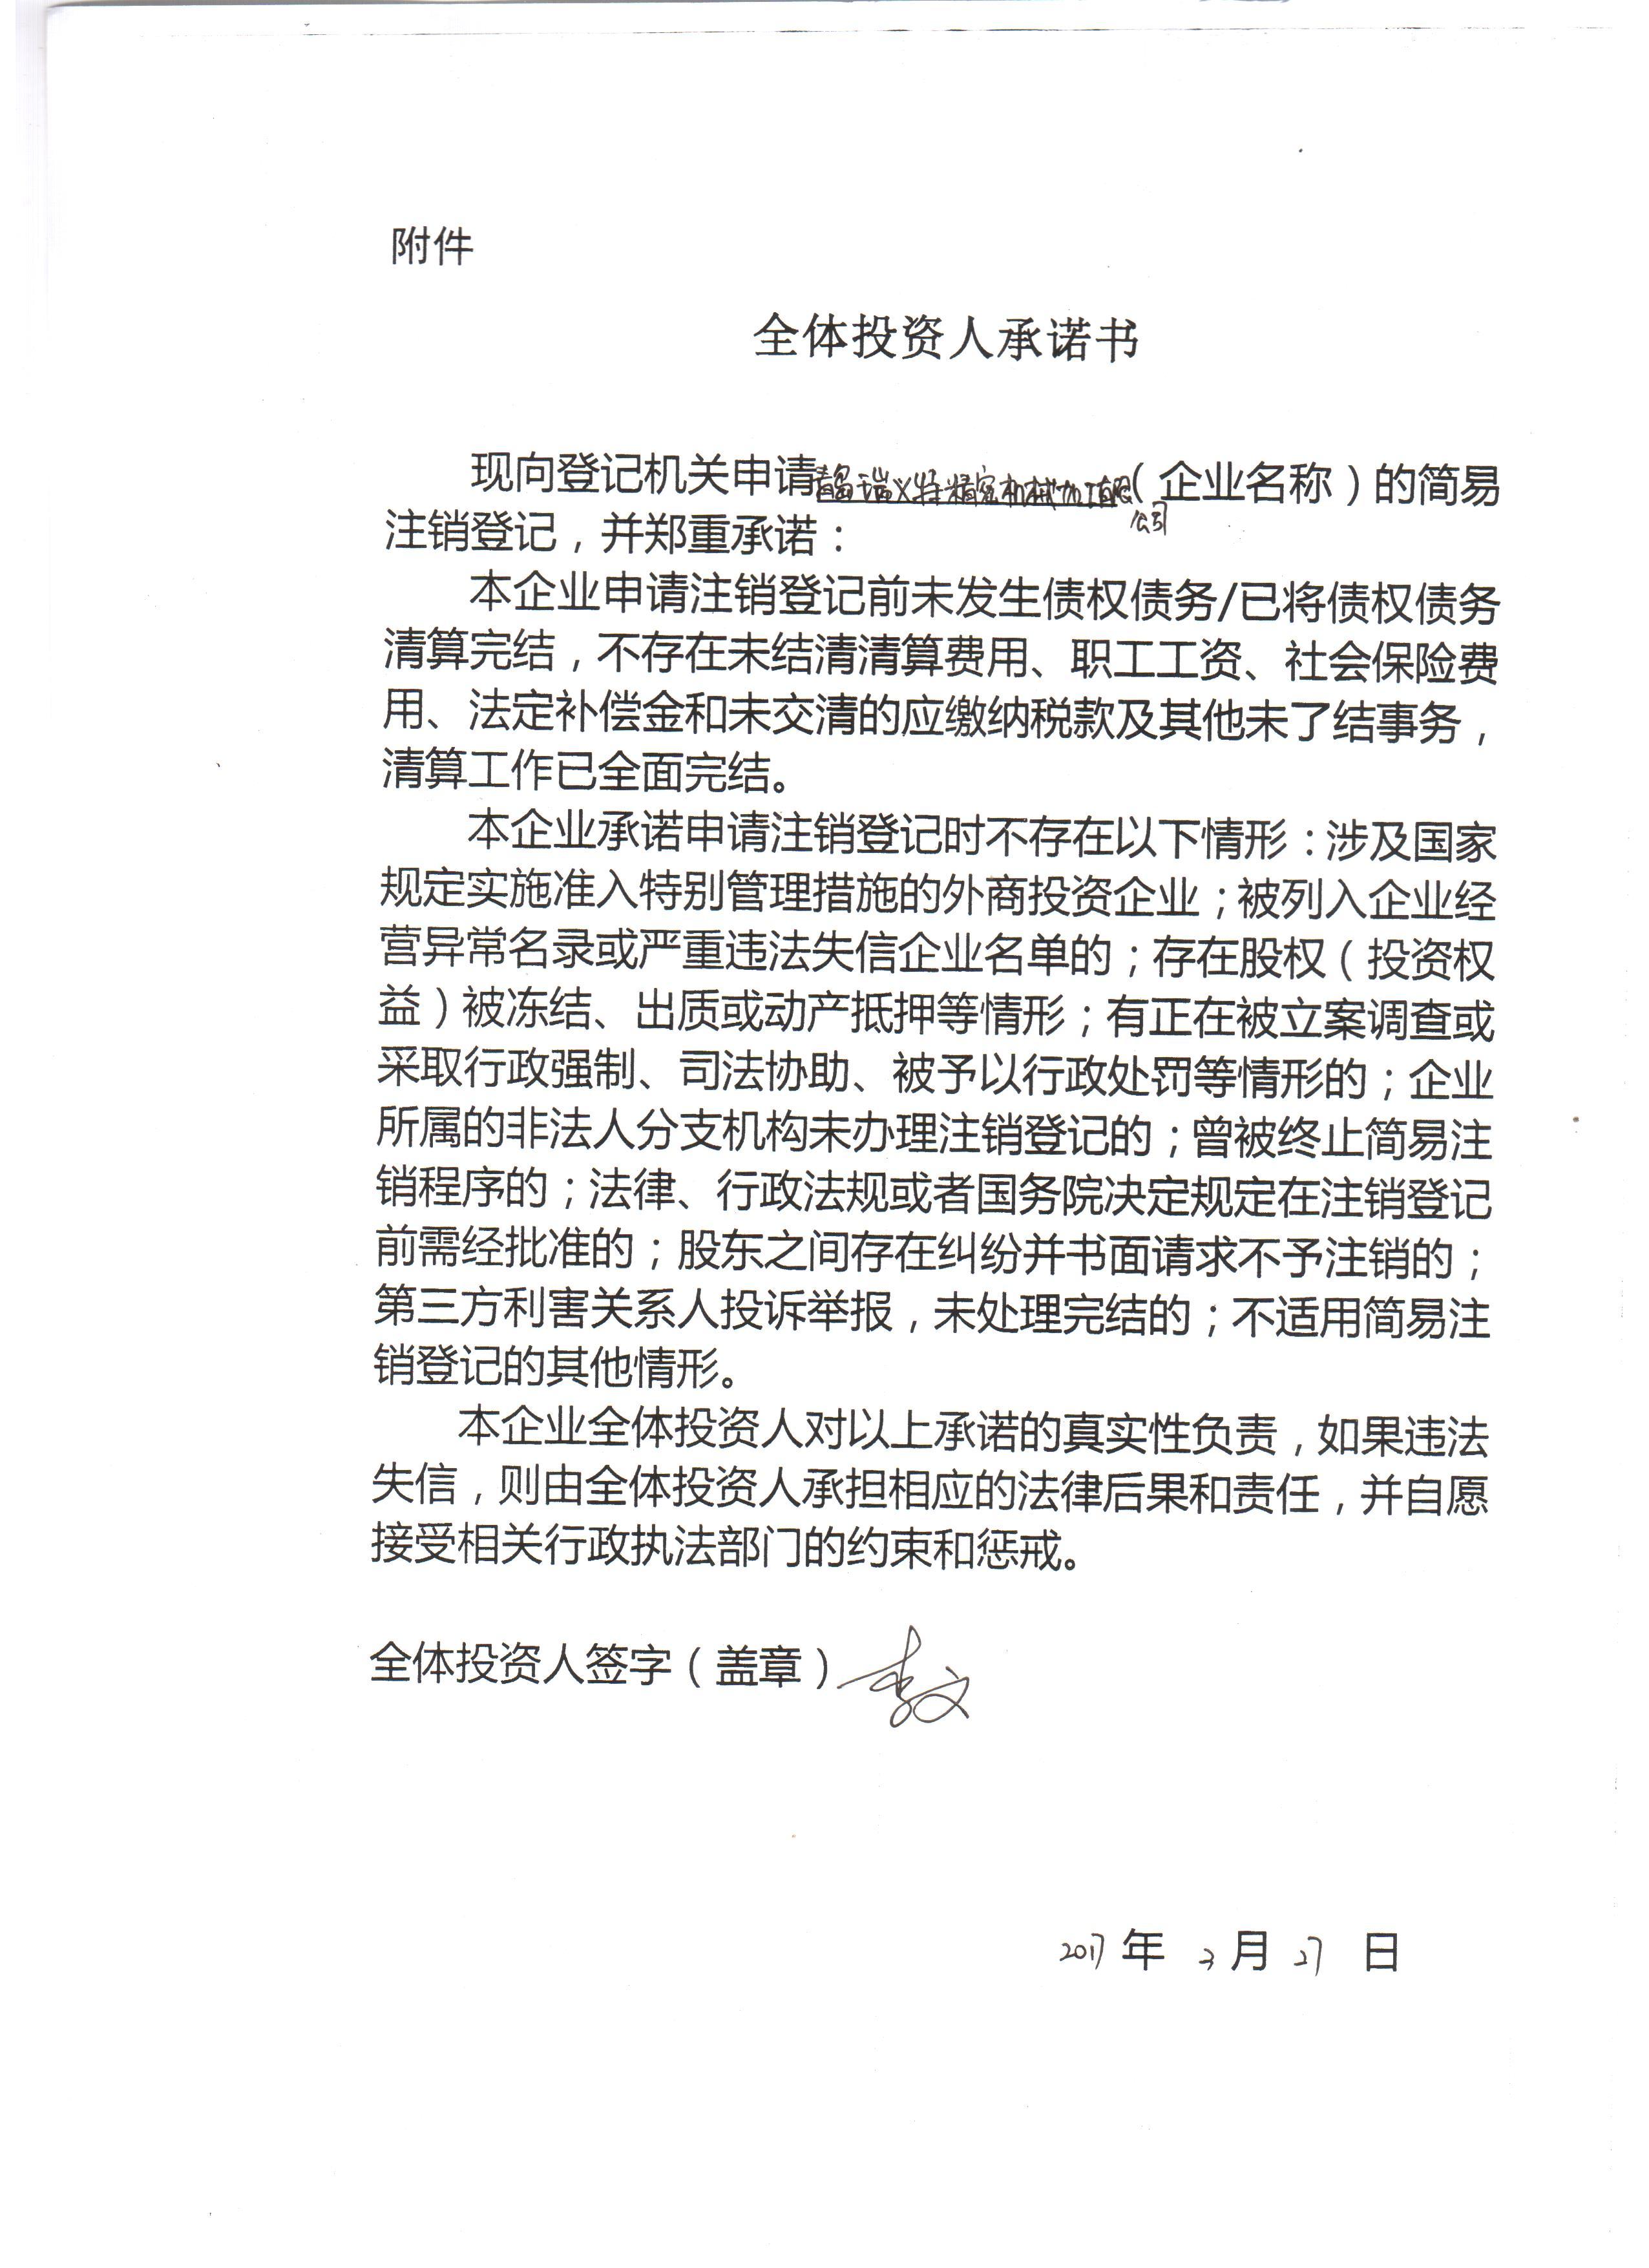 青岛瑞义特精密机械加工有限公司